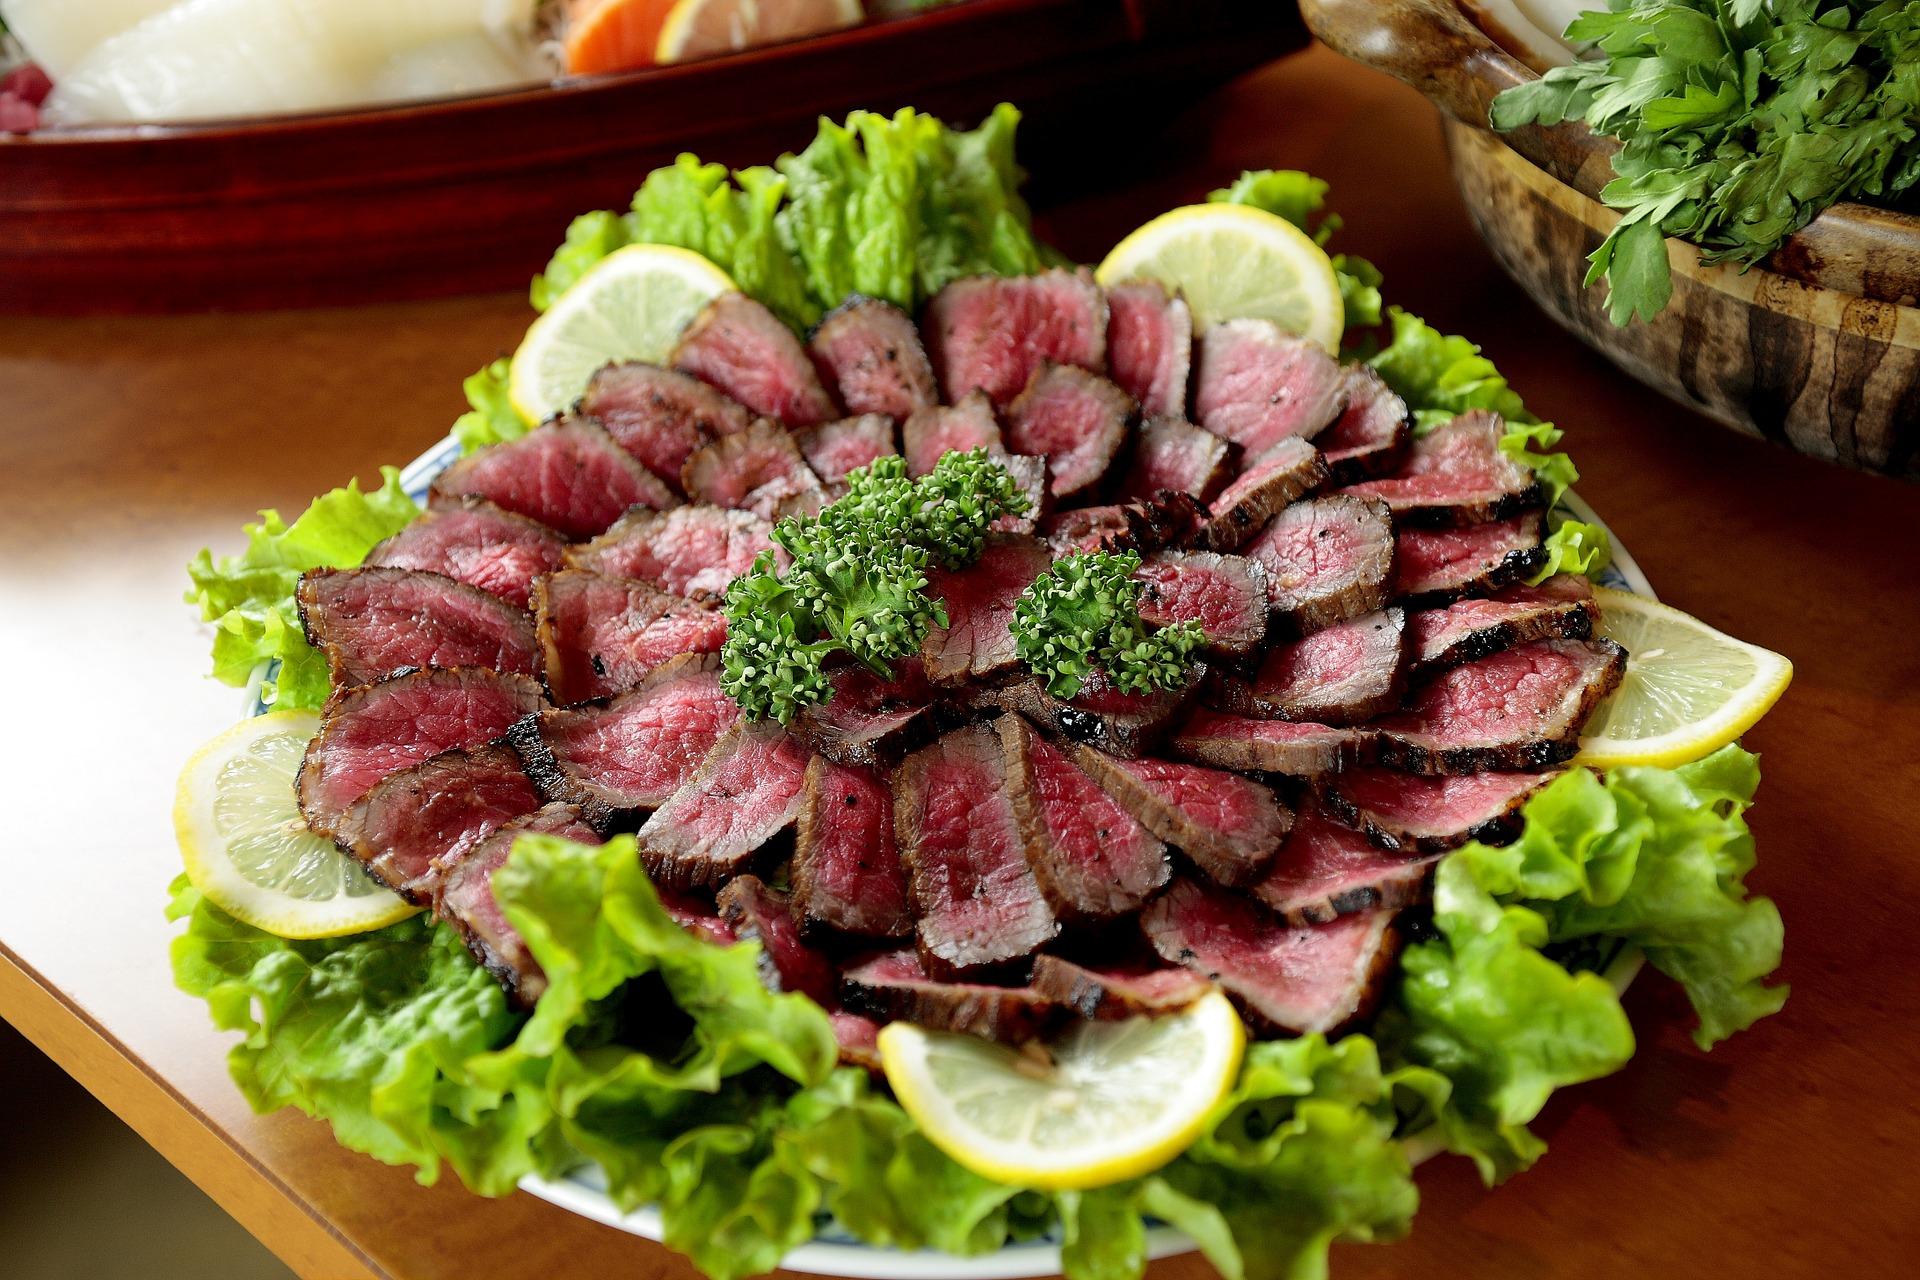 cuisine-831583_1920